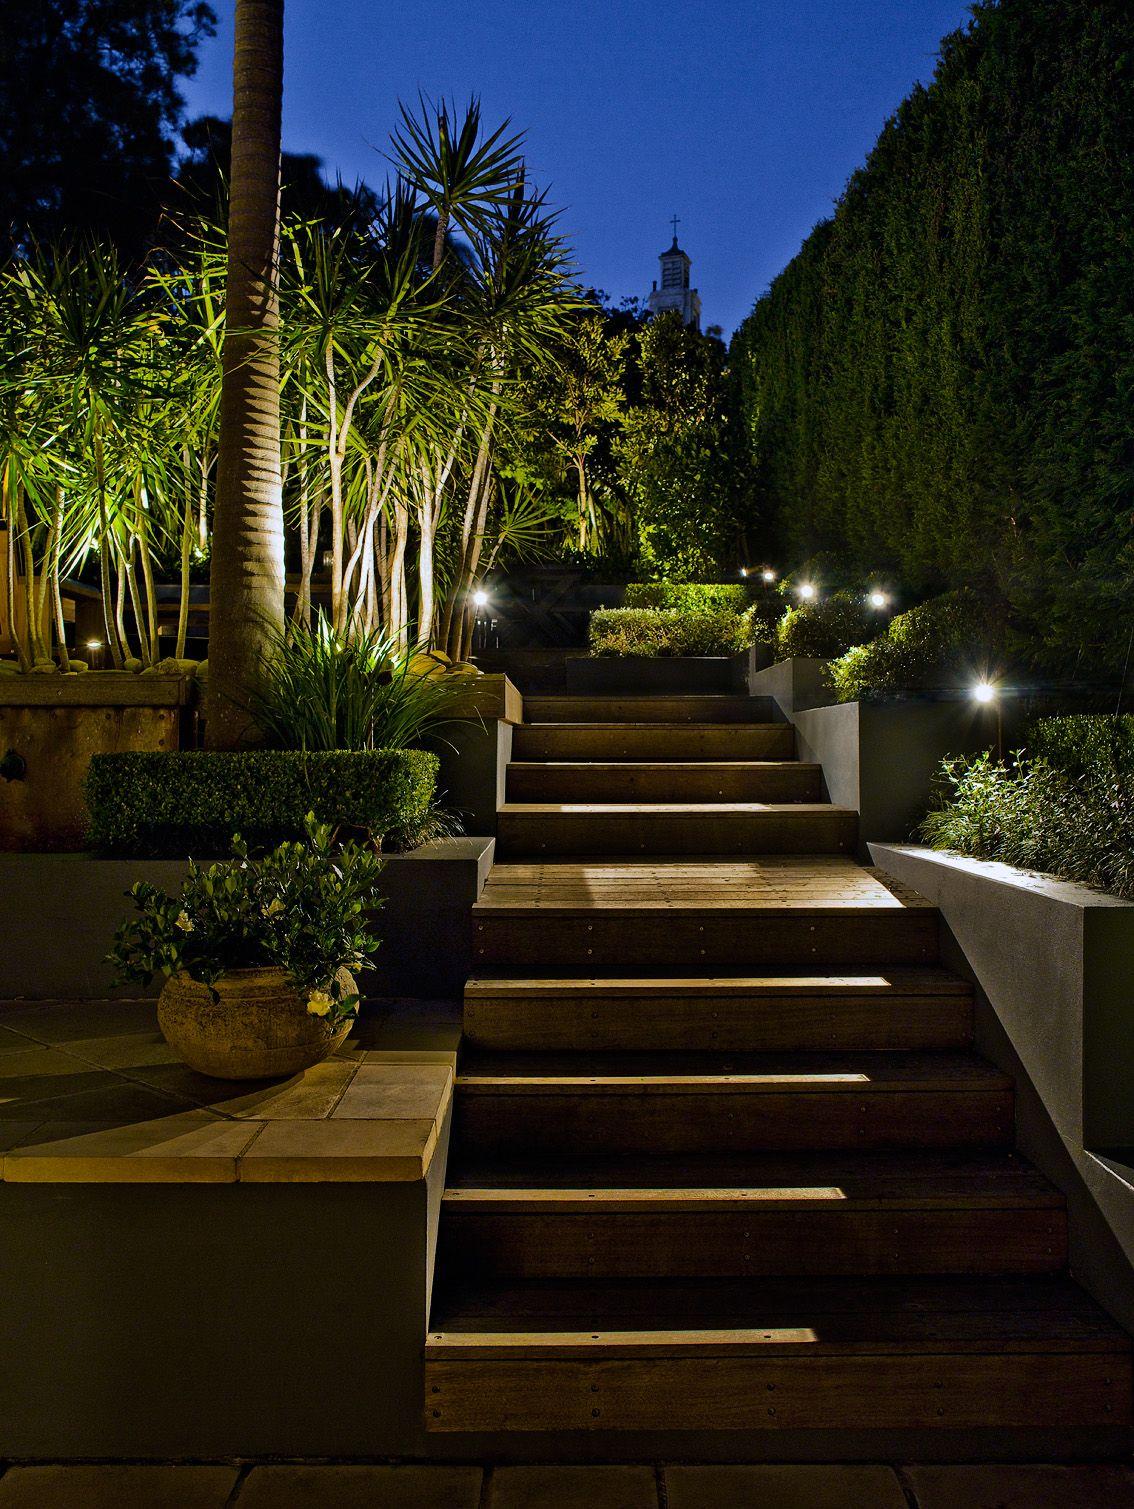 Home Anthonywyer Garden Landscape Design Landscape Lighting Design Garden Town